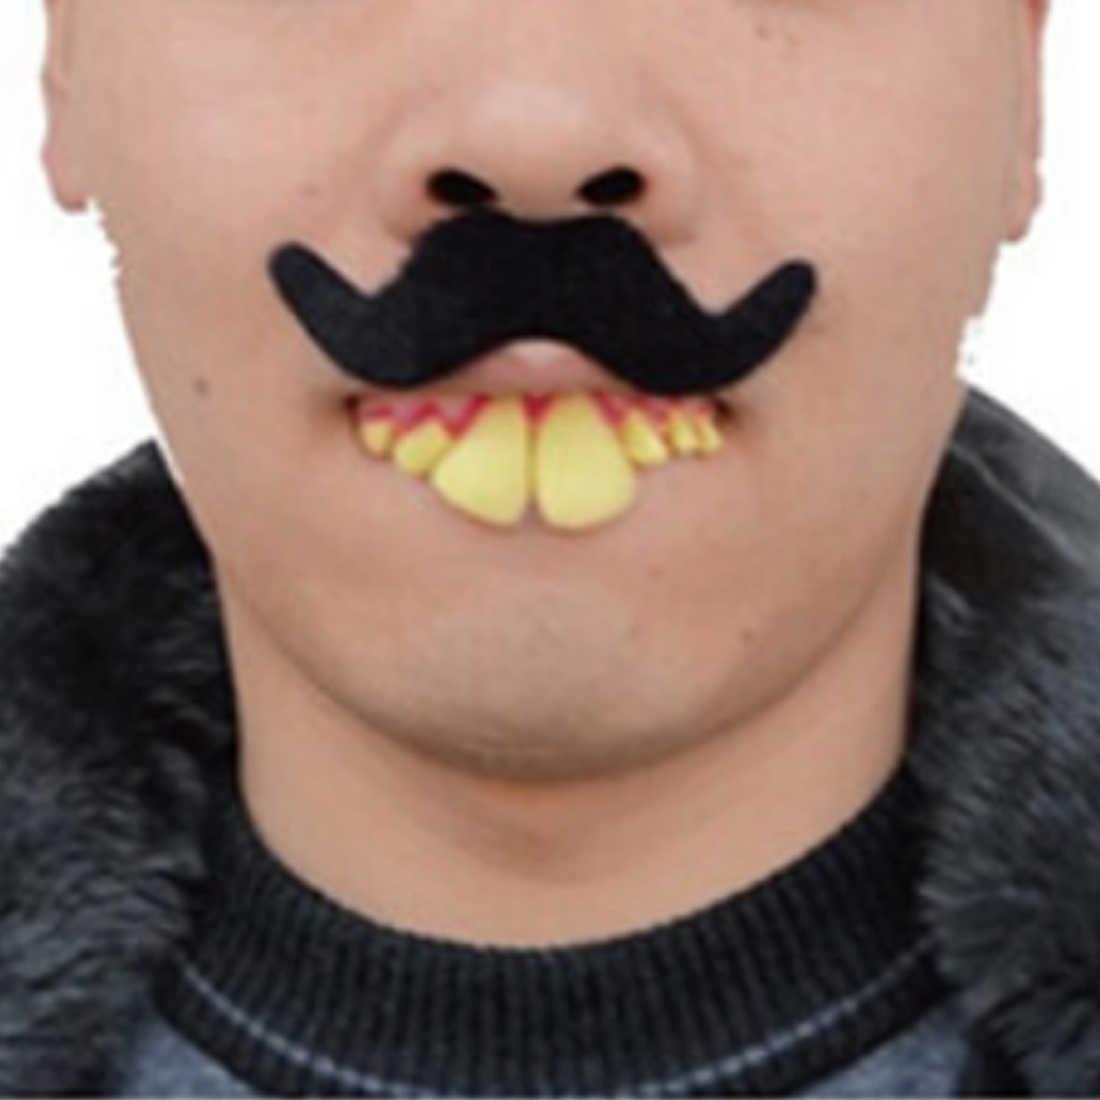 Хороший интересный шалость ужас игрушечный шокер Новинка гаджеты забавные протезные зубы декоративный реквизит на Хэллоуин игрушки